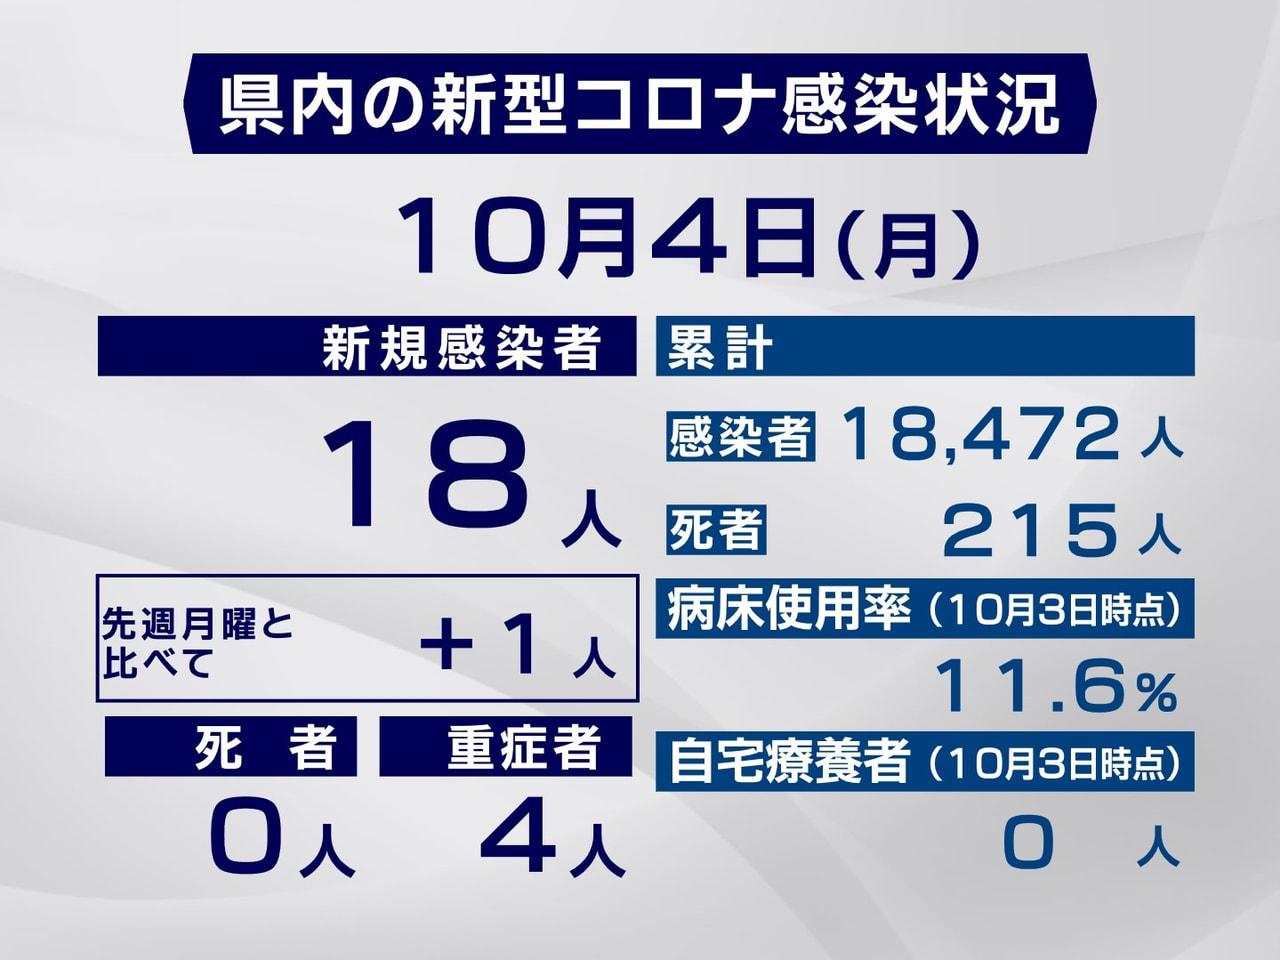 岐阜県と岐阜市は4日、新型コロナウイルスの感染者が新たに18人確認されたと発表し...